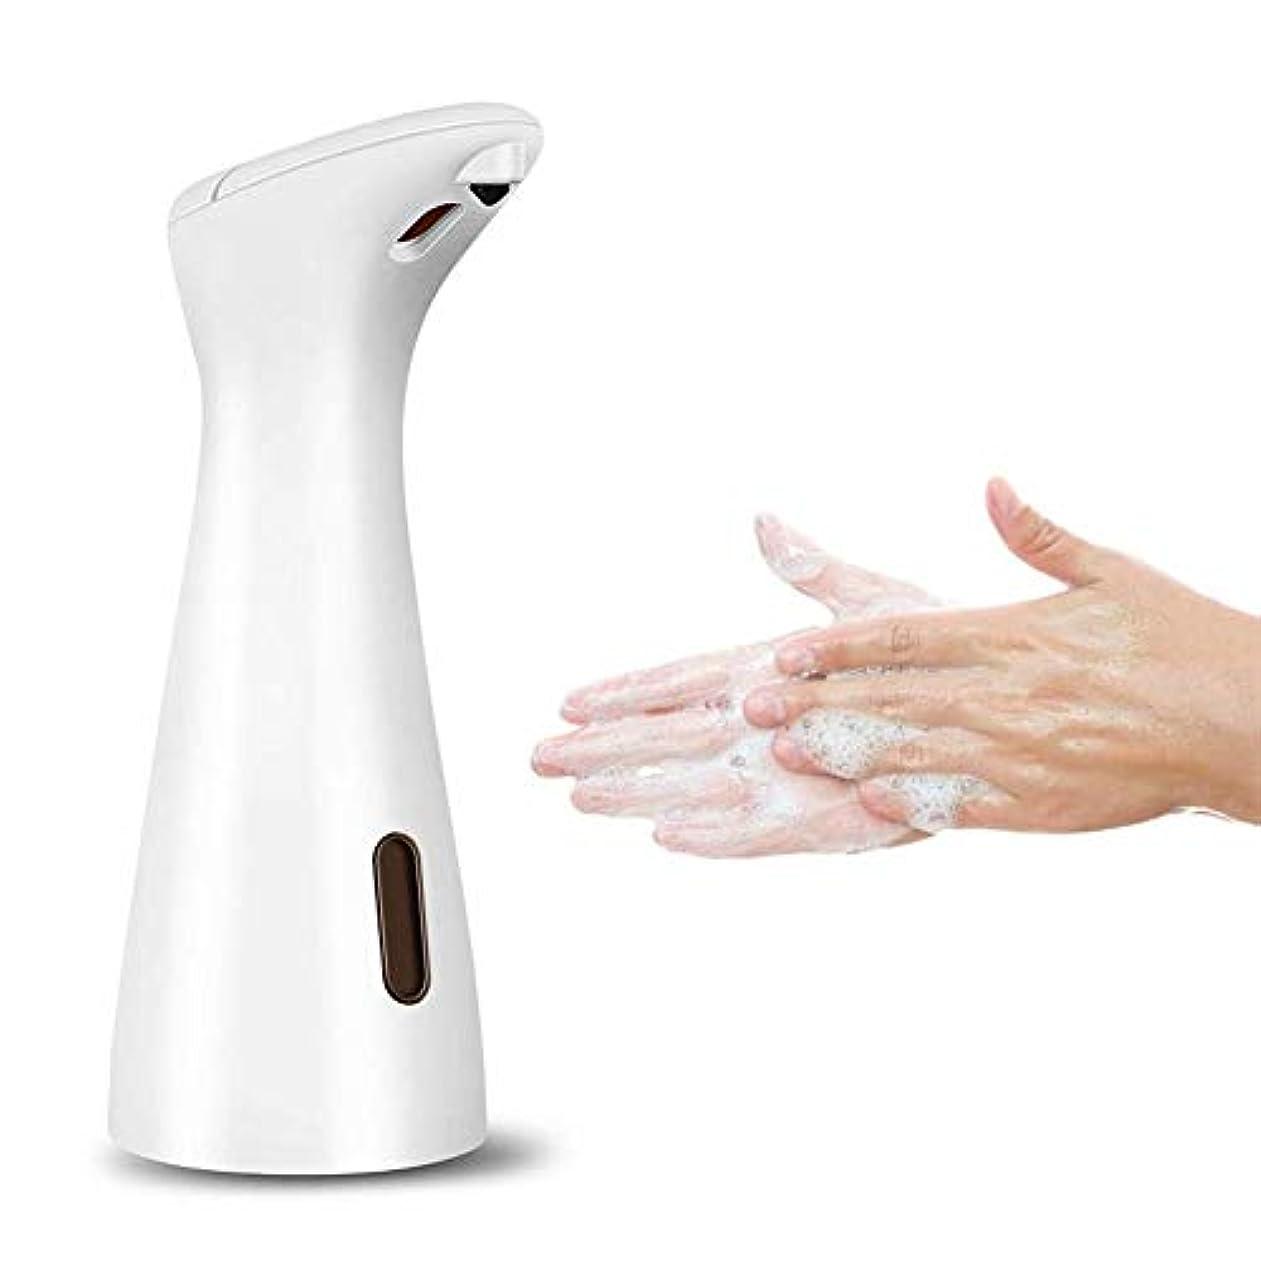 ましい外国人学校教育200ミリリットルスマート自動泡ソープディスペンサー誘導発泡手洗い機ポータブル液体ソープディスペンサー浴室キッチンツール